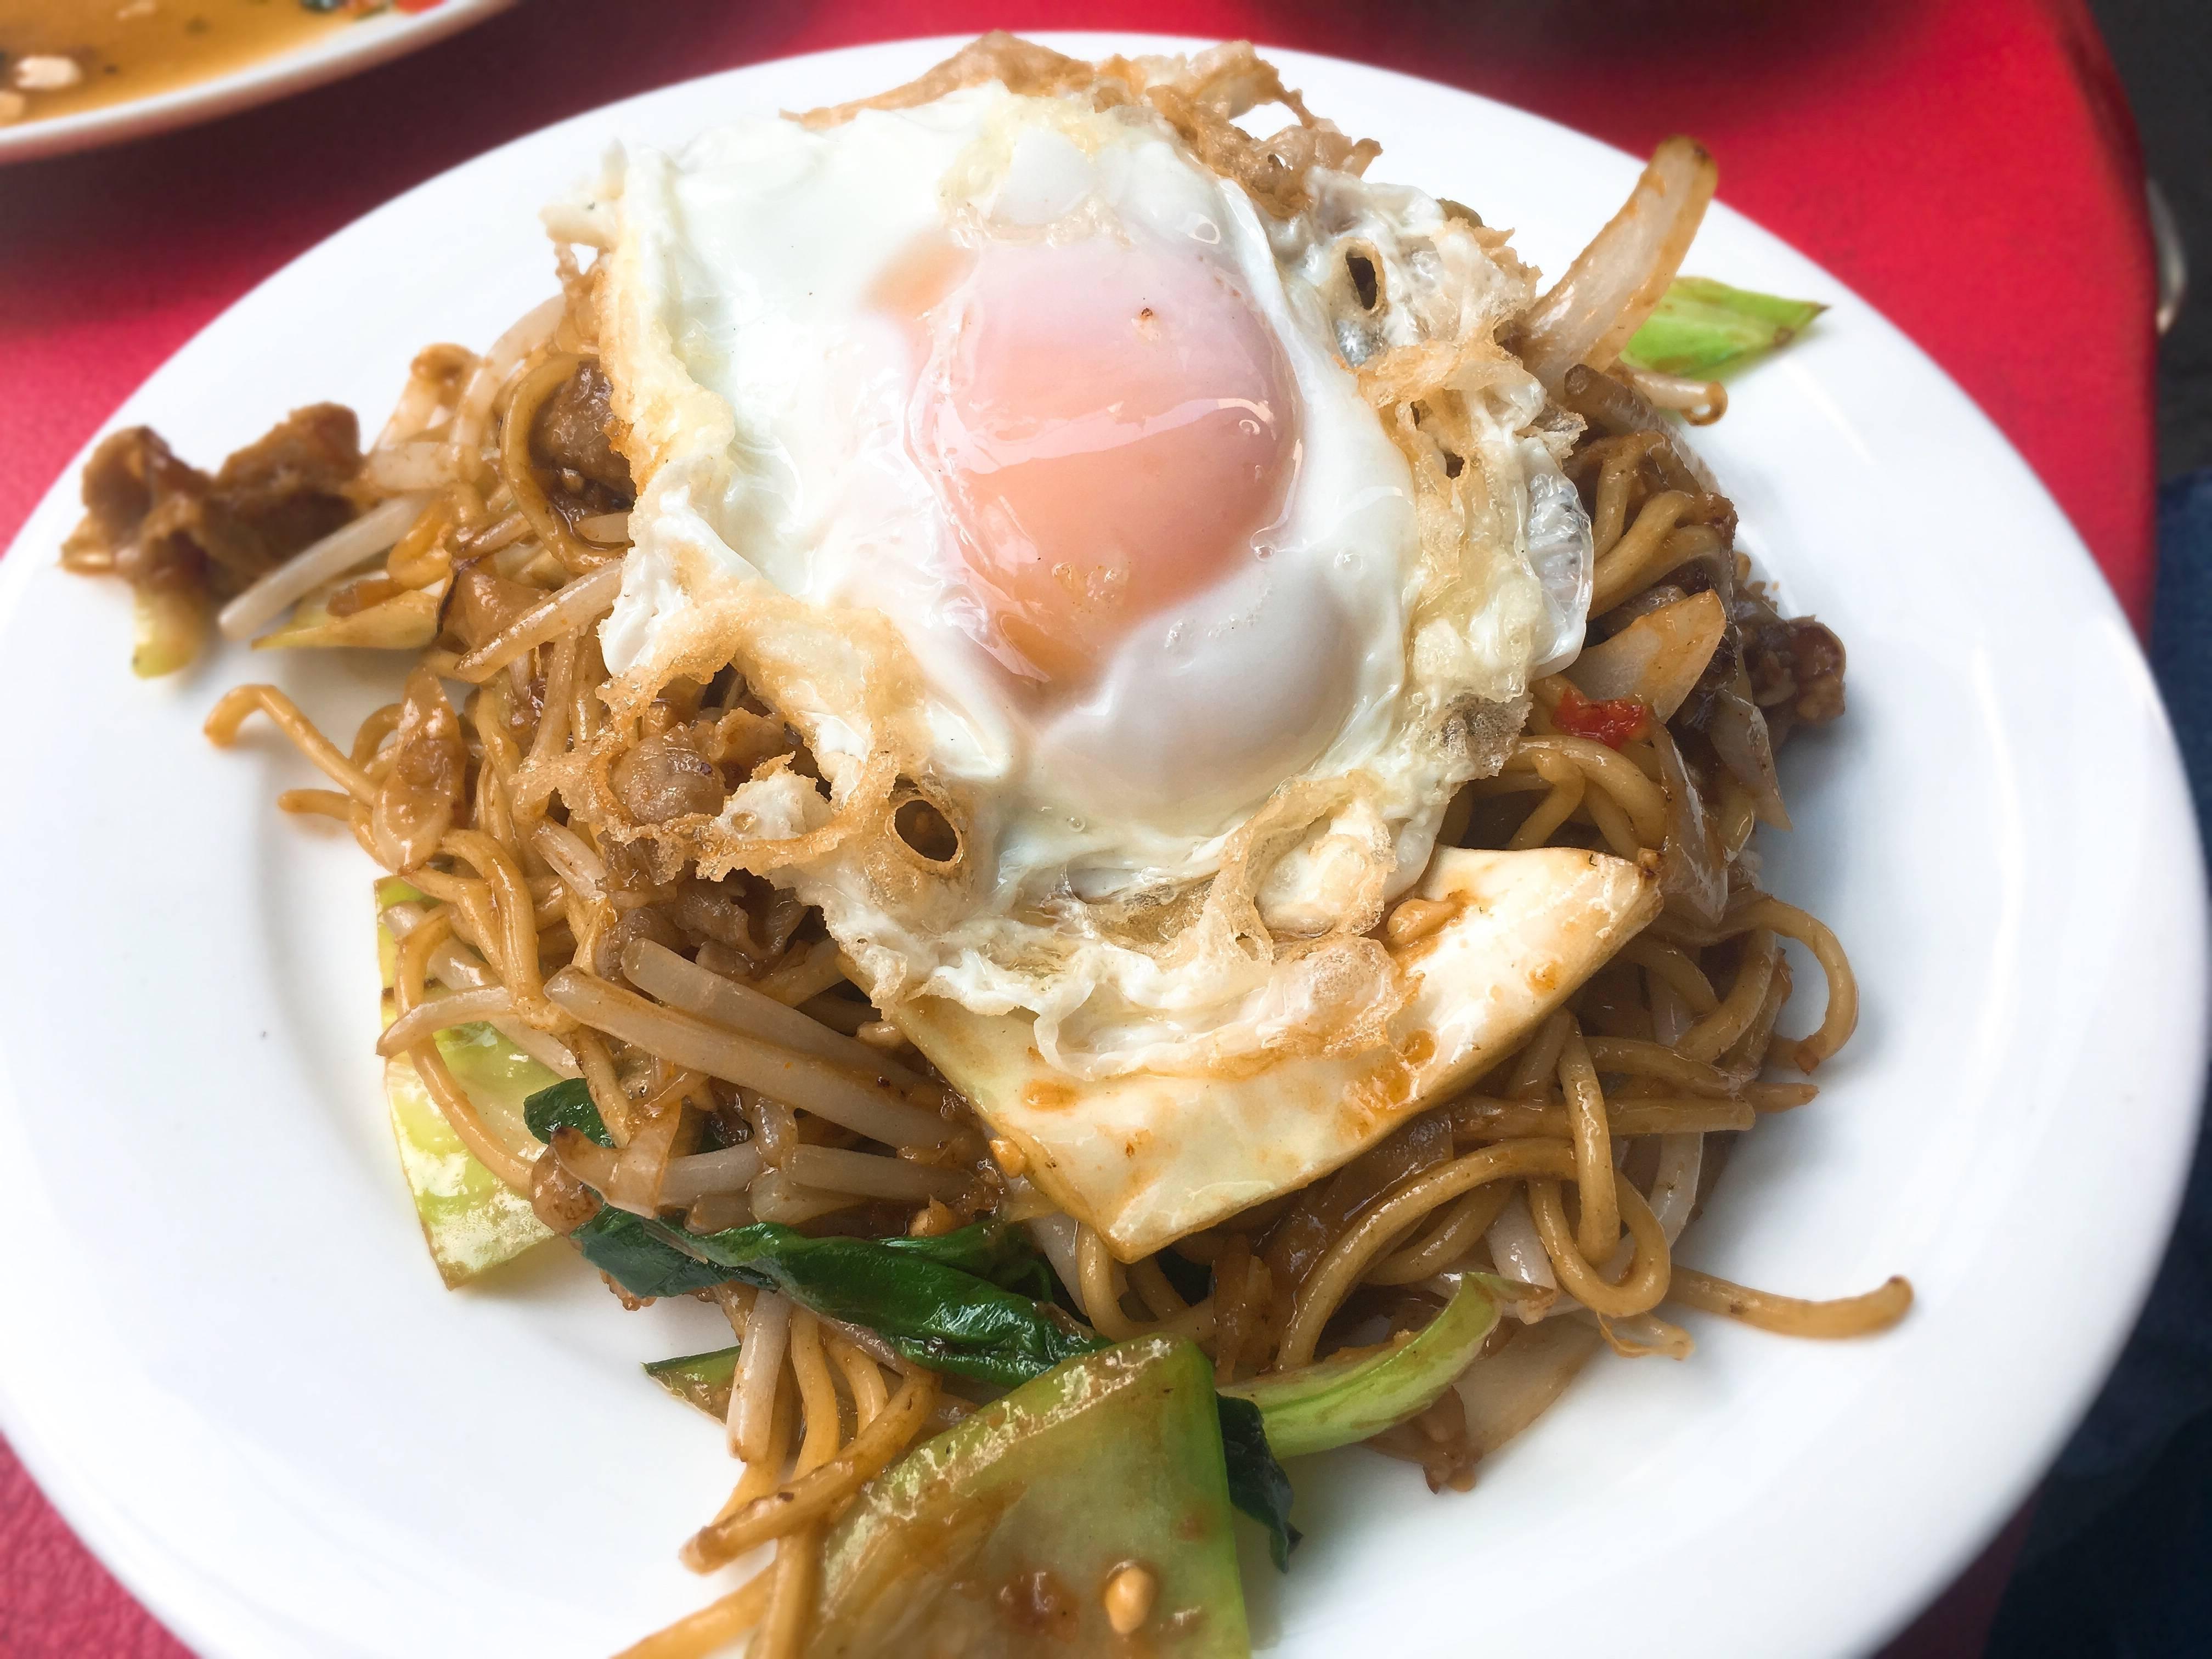 原宿にいながら本格タイ料理を味わえるお店《チャオバンブー》_1_4